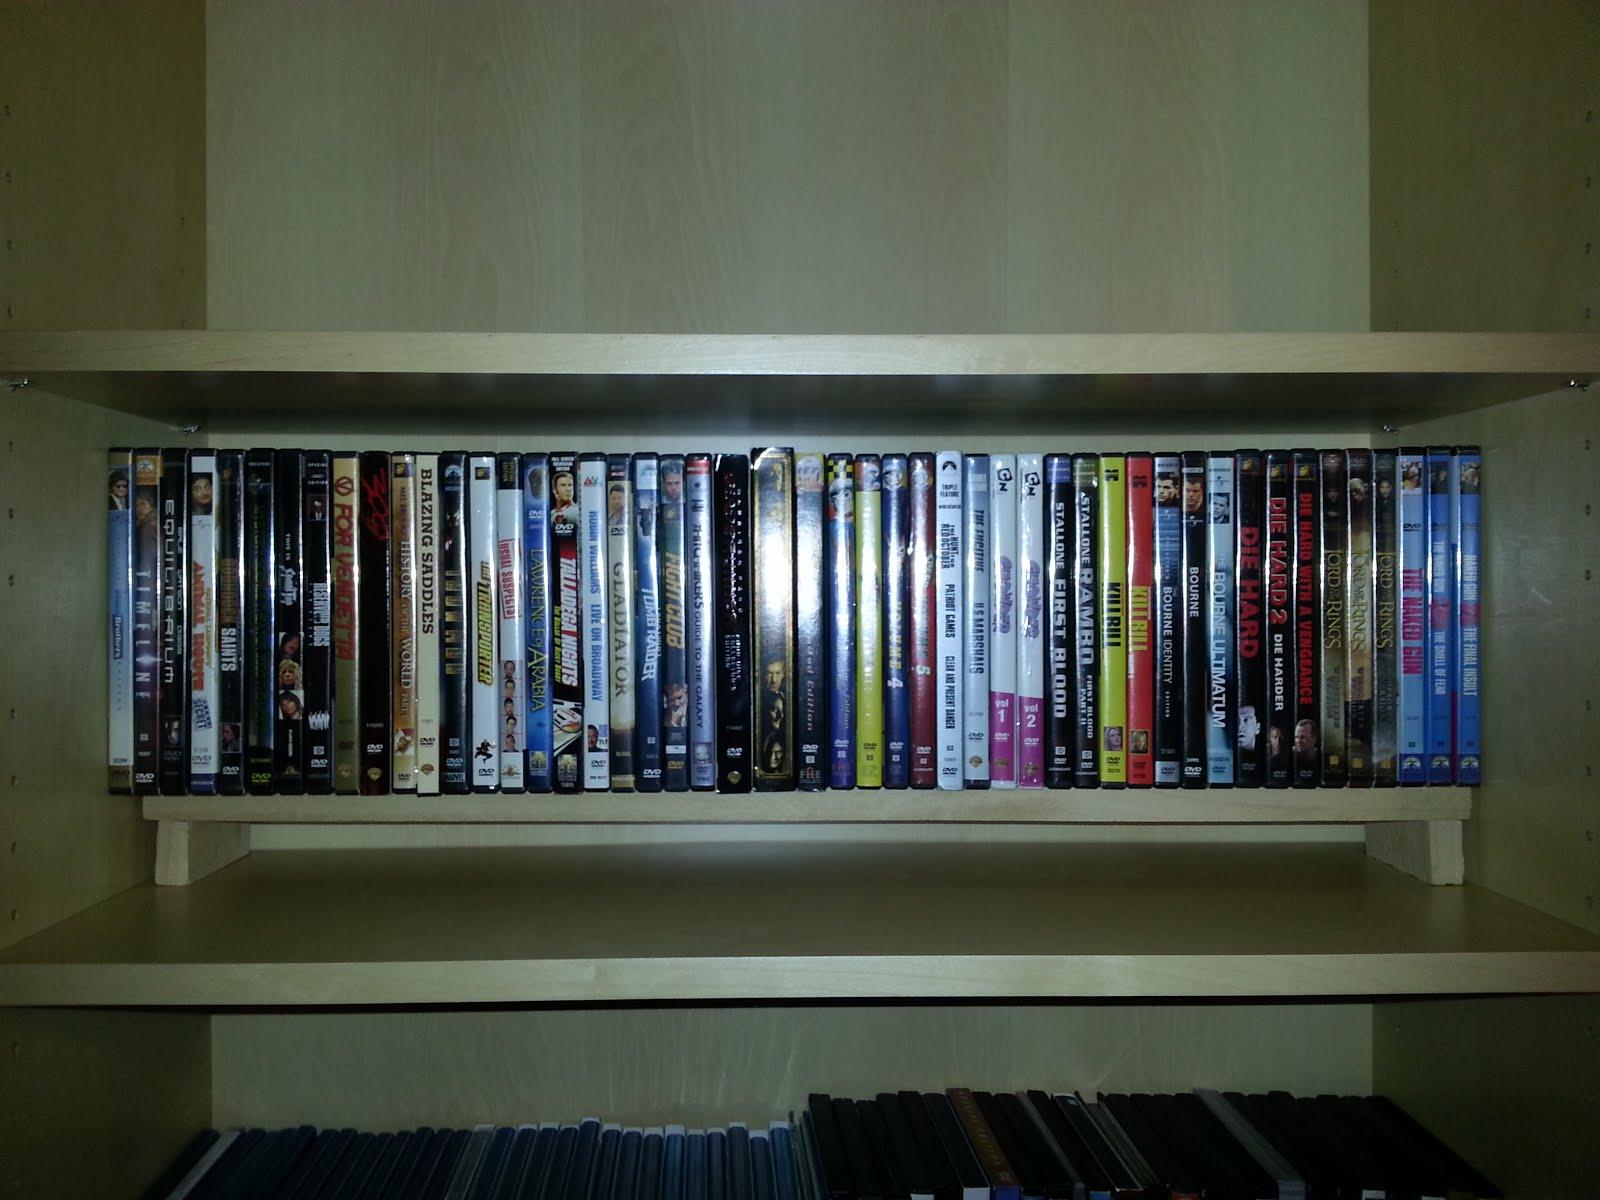 Billy Bookshelf DVD Shelves - IKEA Hackers - IKEA Hackers